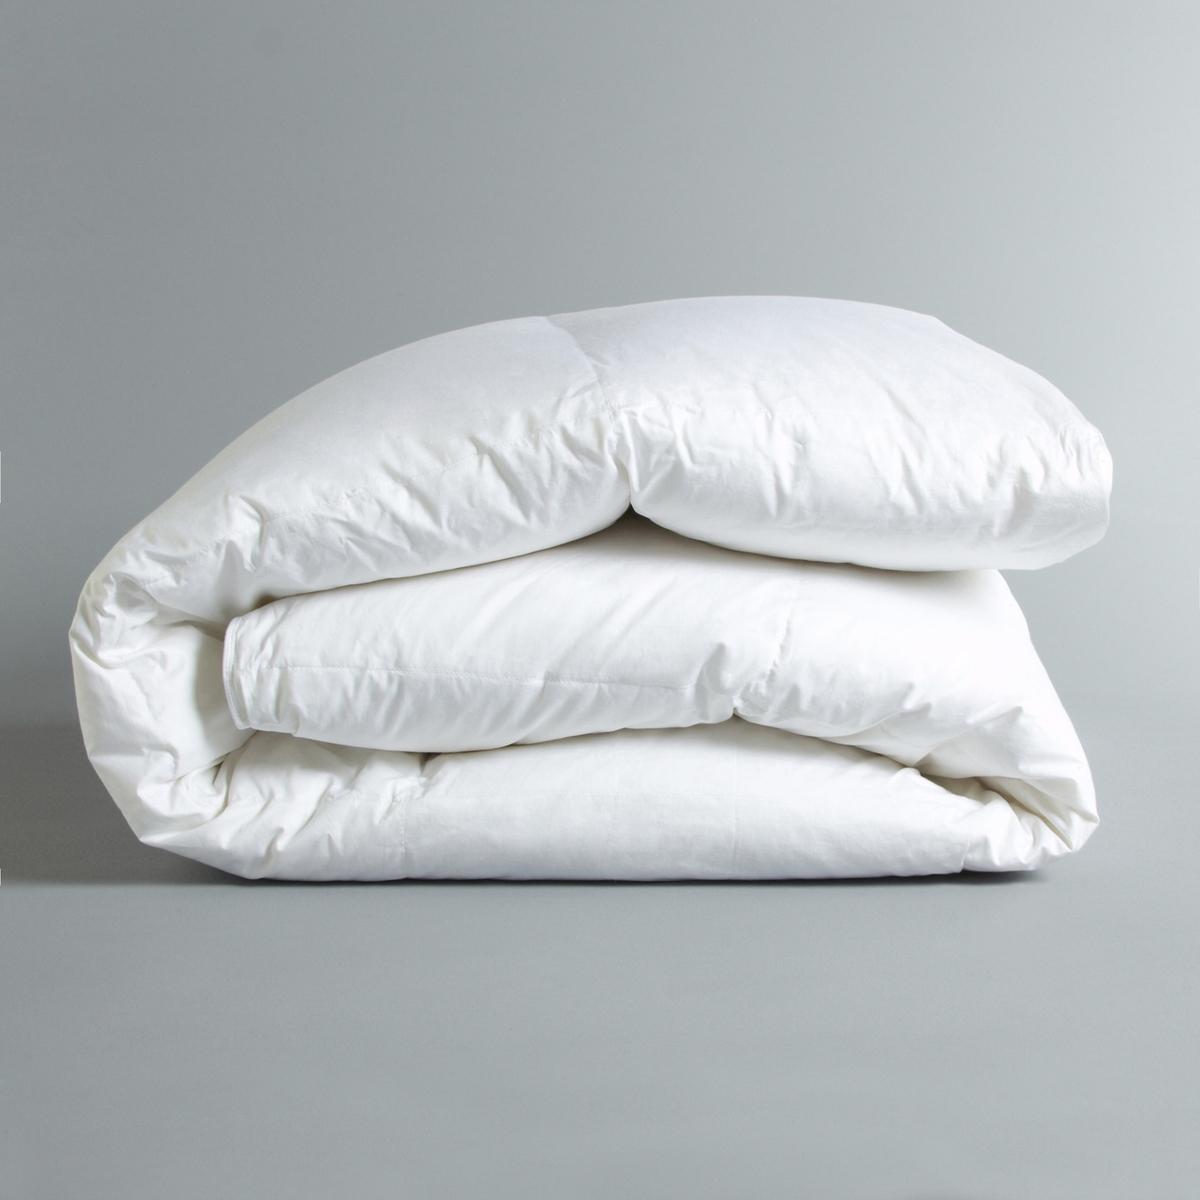 Синтетическое одеяло BanketСинтетическое одеяло Banket. Ощущение перины, комфорт полиэстера для аллергиков, простой уход этого невероятно пышного одеяла. Его умеренное тепло идеально подходит для ранней весны. Производство: Франция.Наполнитель :- 100% волокон полиэстера Suprelle Duv Touch, 350 г/м2. Чехол :- Очень мягкая и элегантная перкаль, 100% хлопка, 139 нитей/см2.- Квадратная прострочка для сохранения наполнителя.Уход :- Машинная стирка при 40 °C.<br><br>Цвет: белый<br>Размер: 200 x 200  см